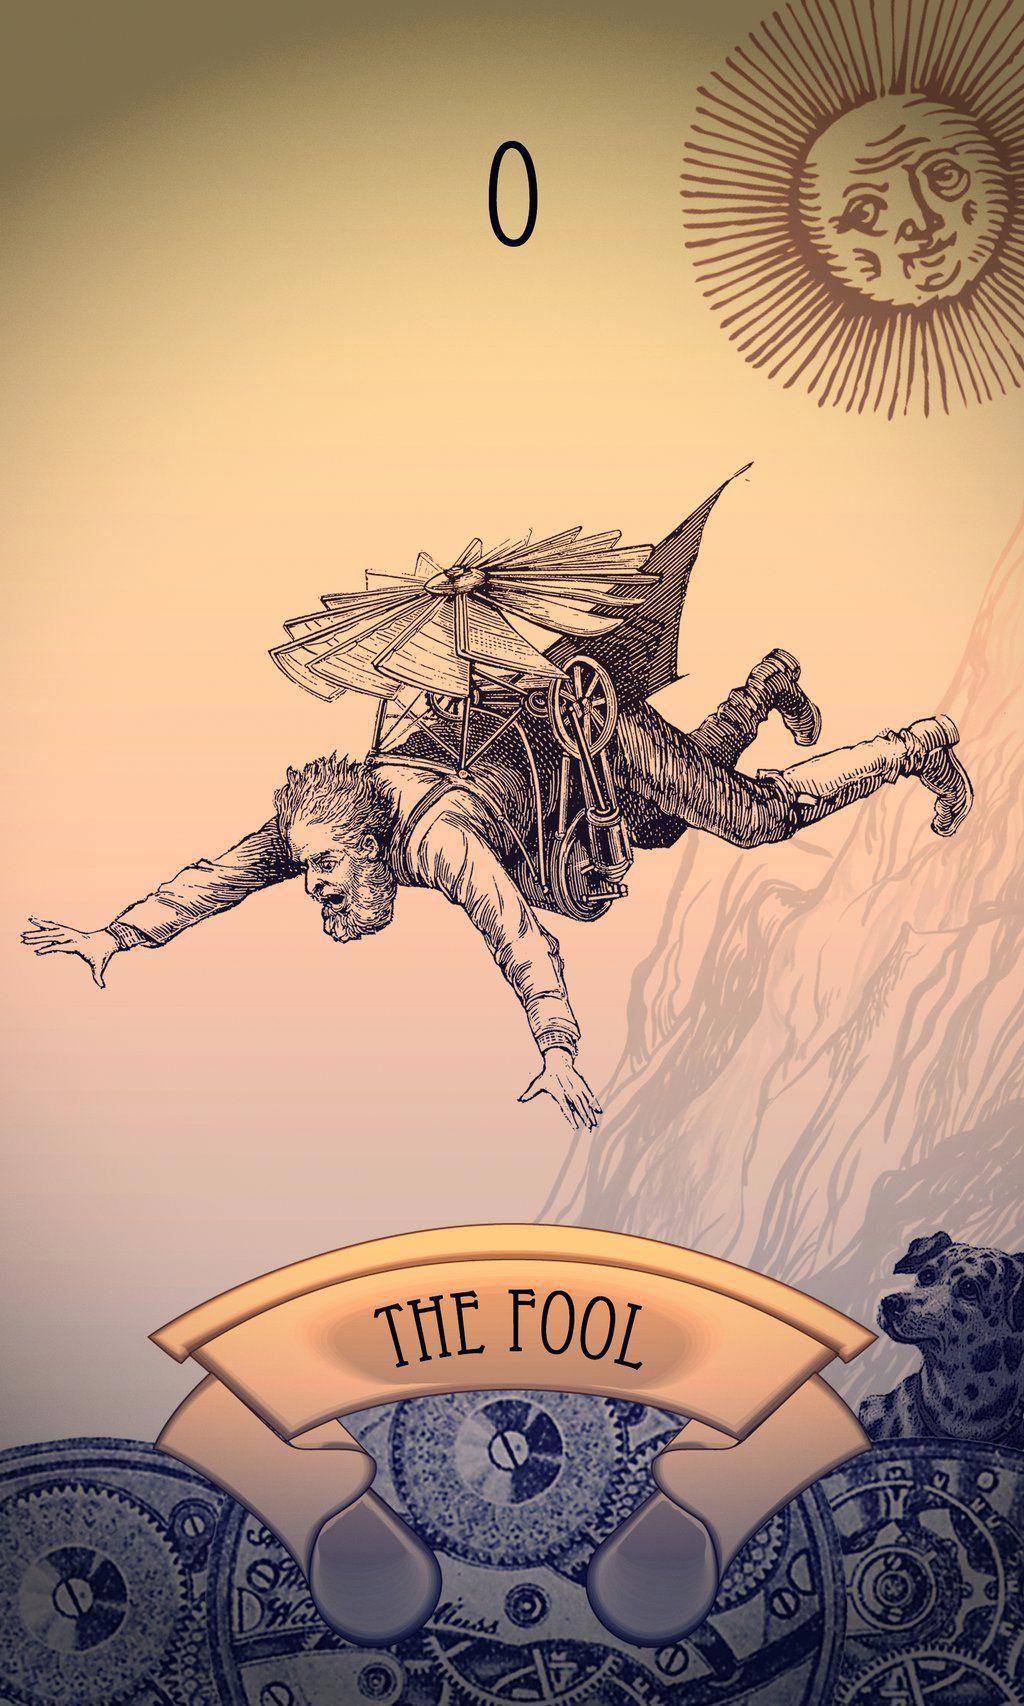 Steampunk tarot card the fool by tiabryn71